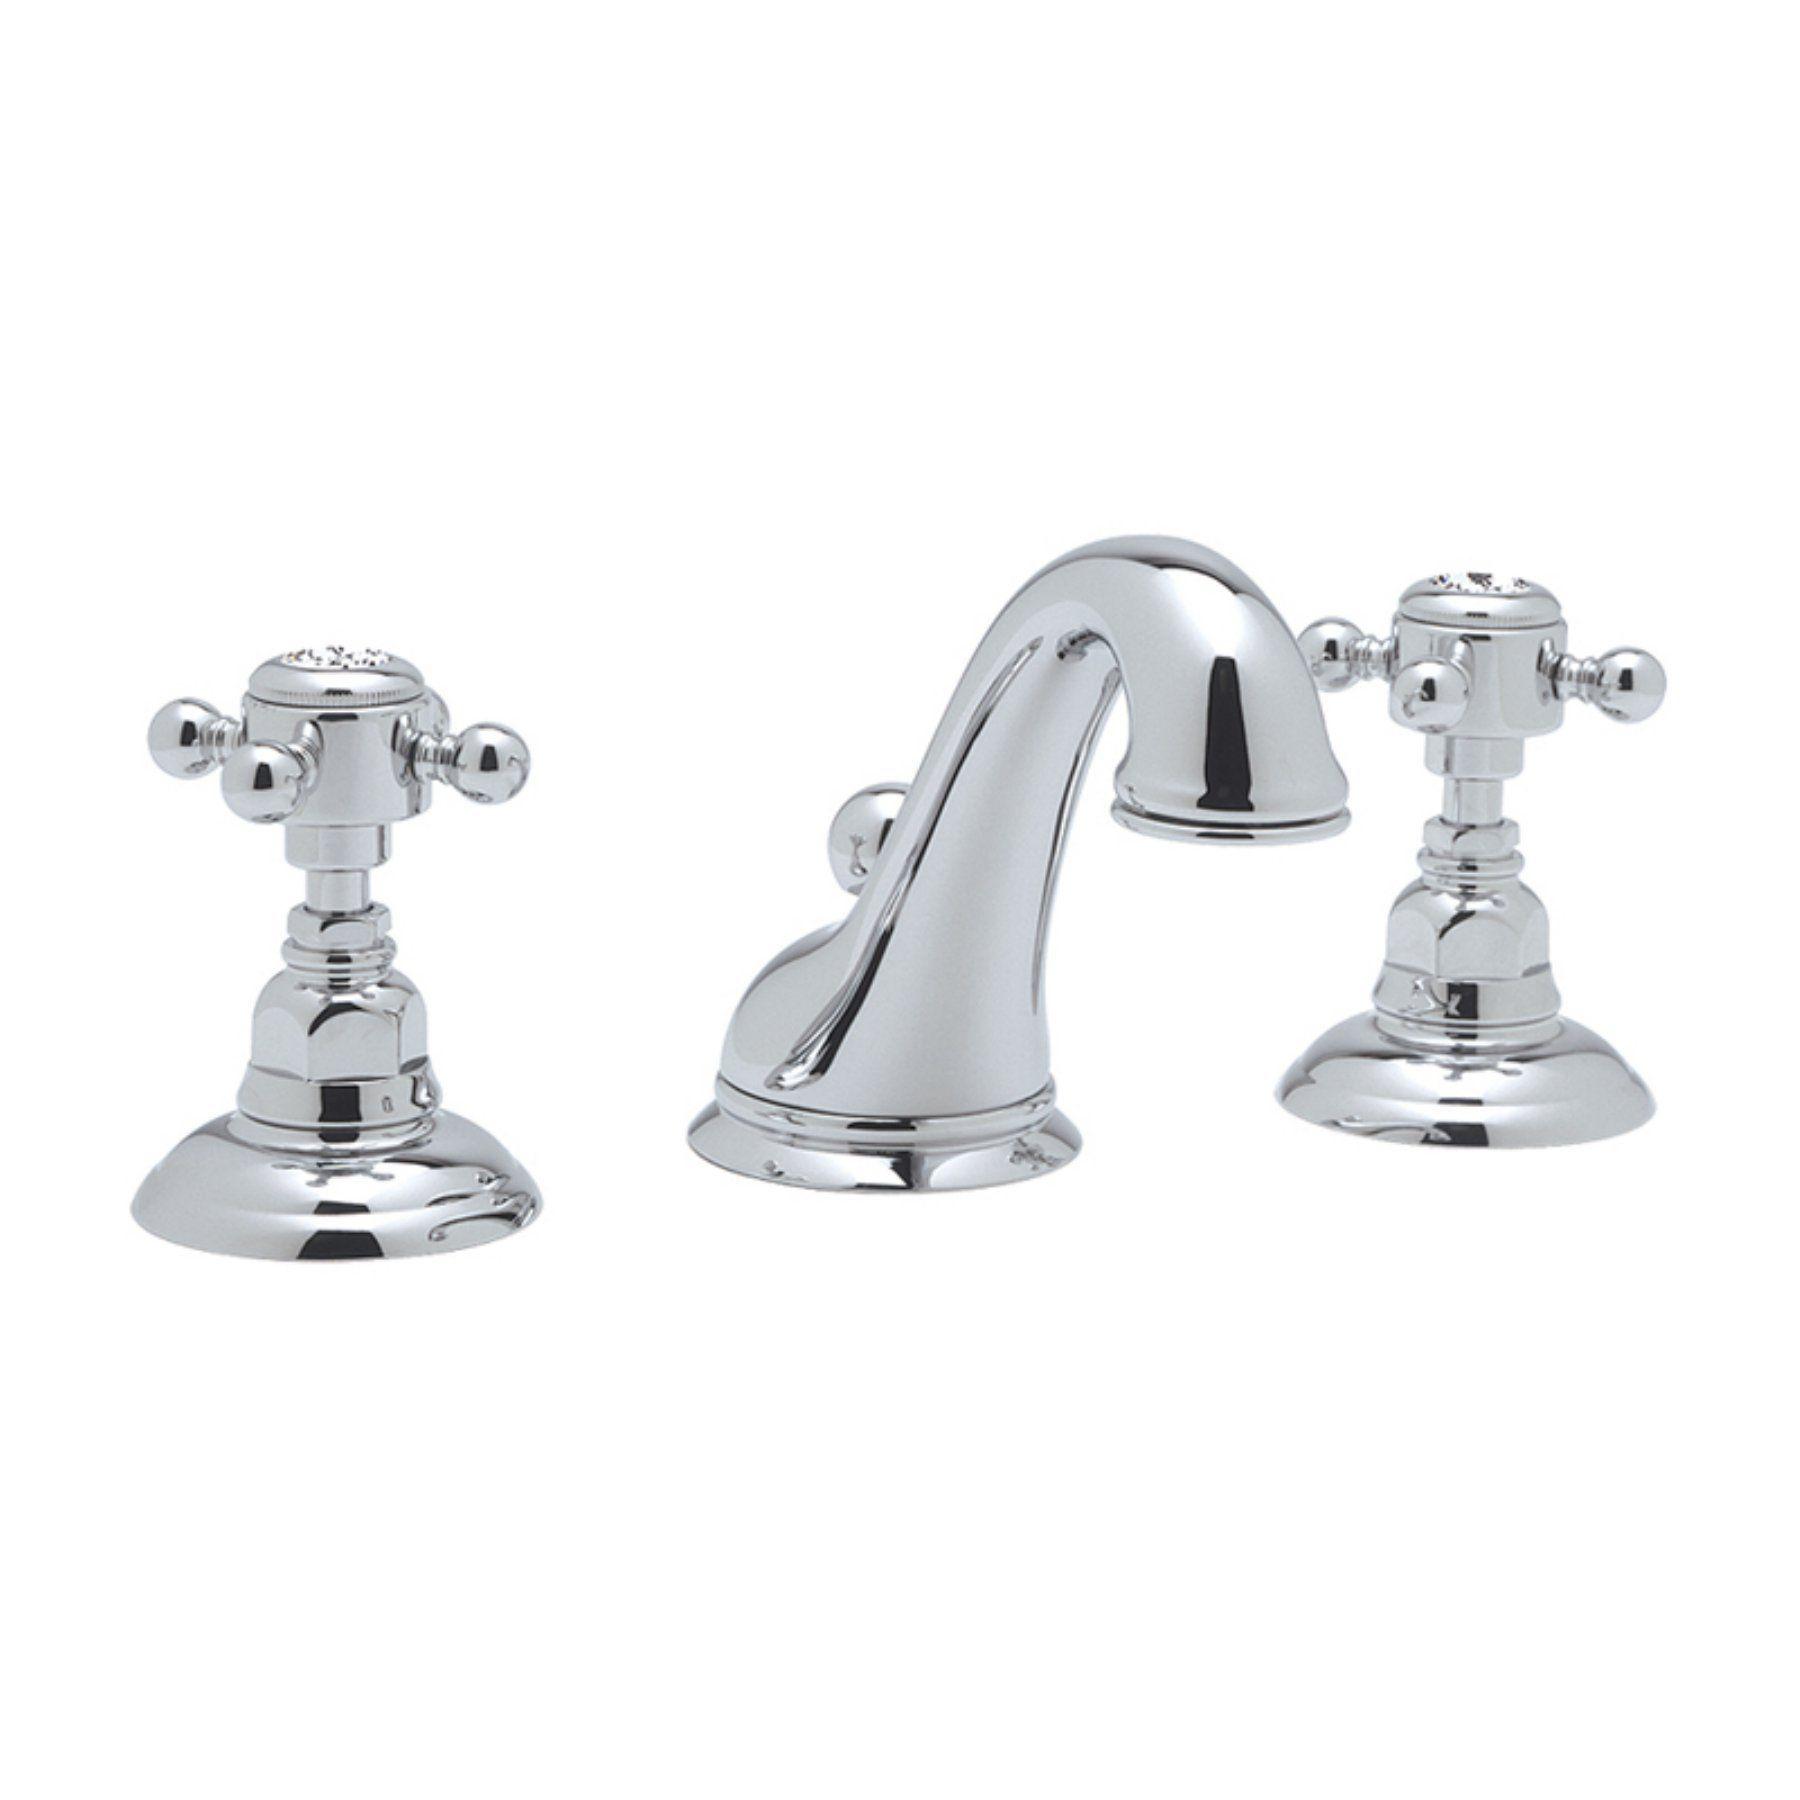 Rohl Country Bath Viaggio A1408-2 Widespread Bathroom Faucet with ...